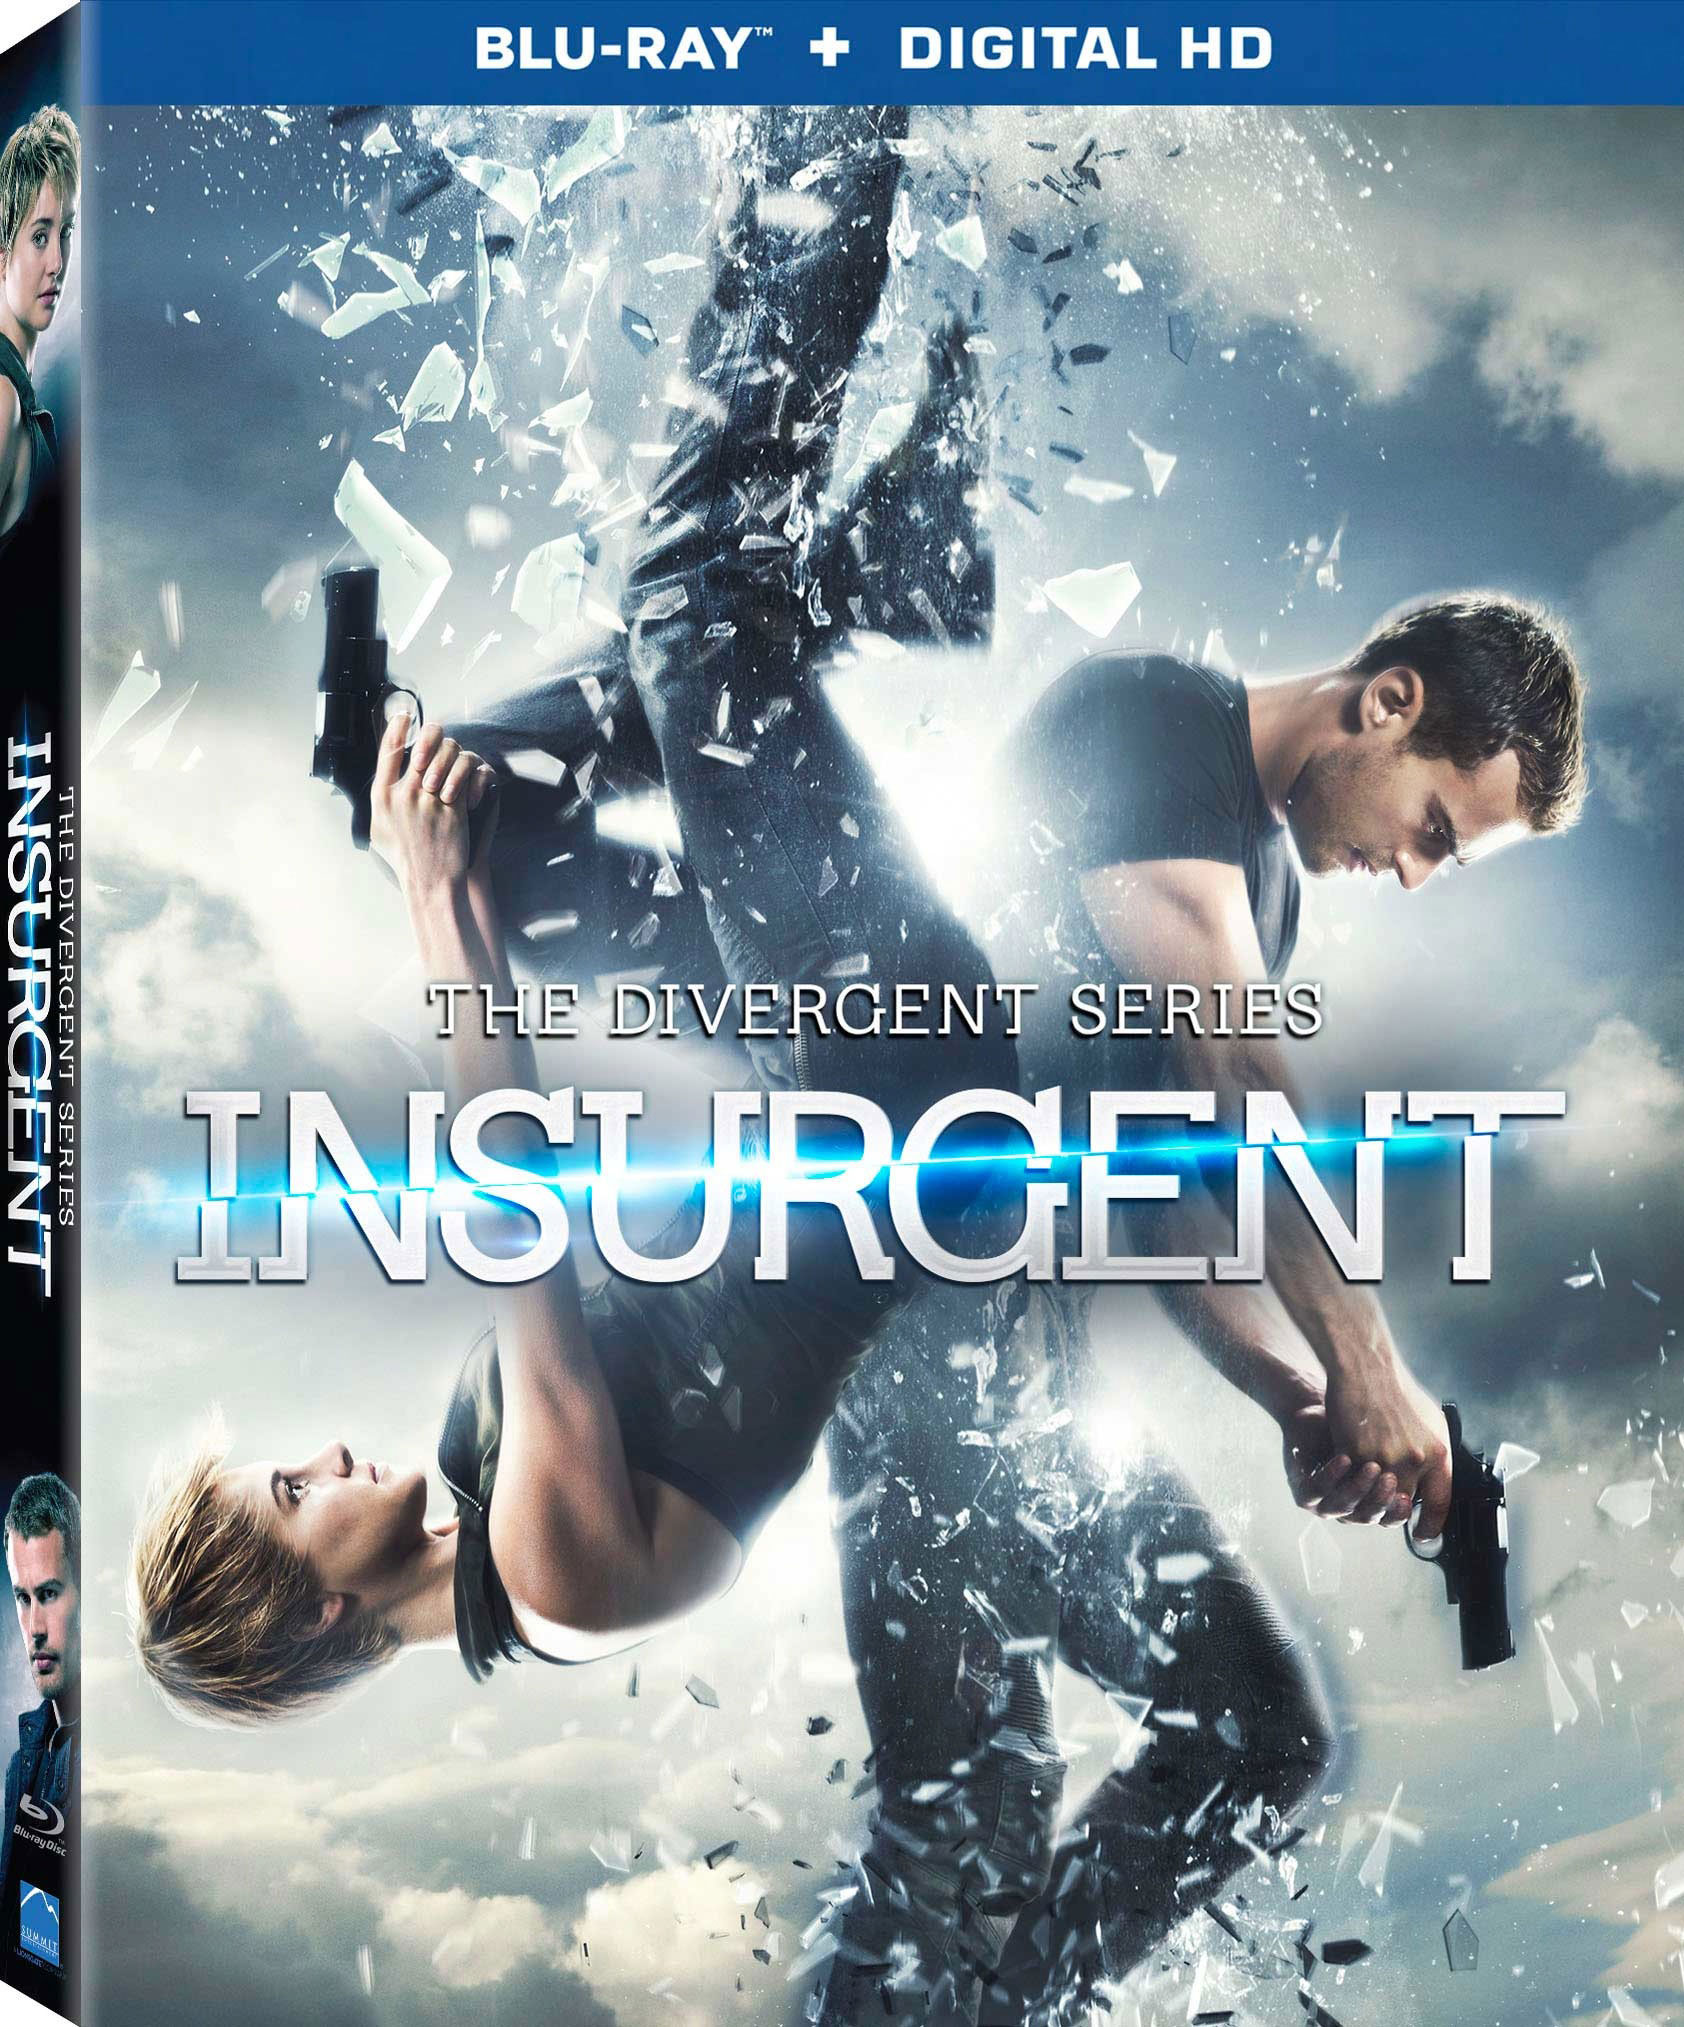 Ansel Elgort Insurgent Poster